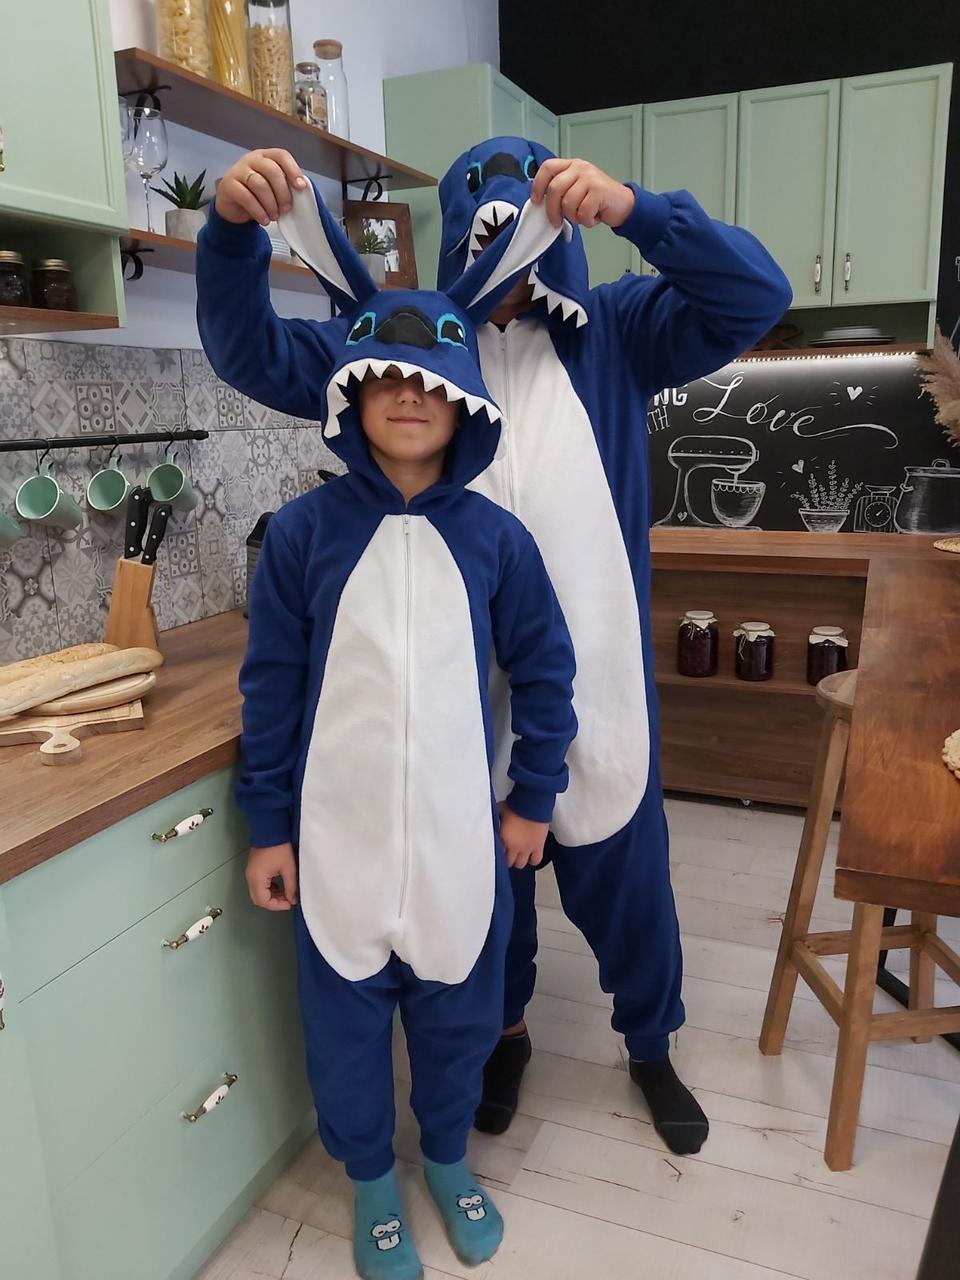 Пижама костюм Кигуруми Стич для всей семьи, детей, взрослых